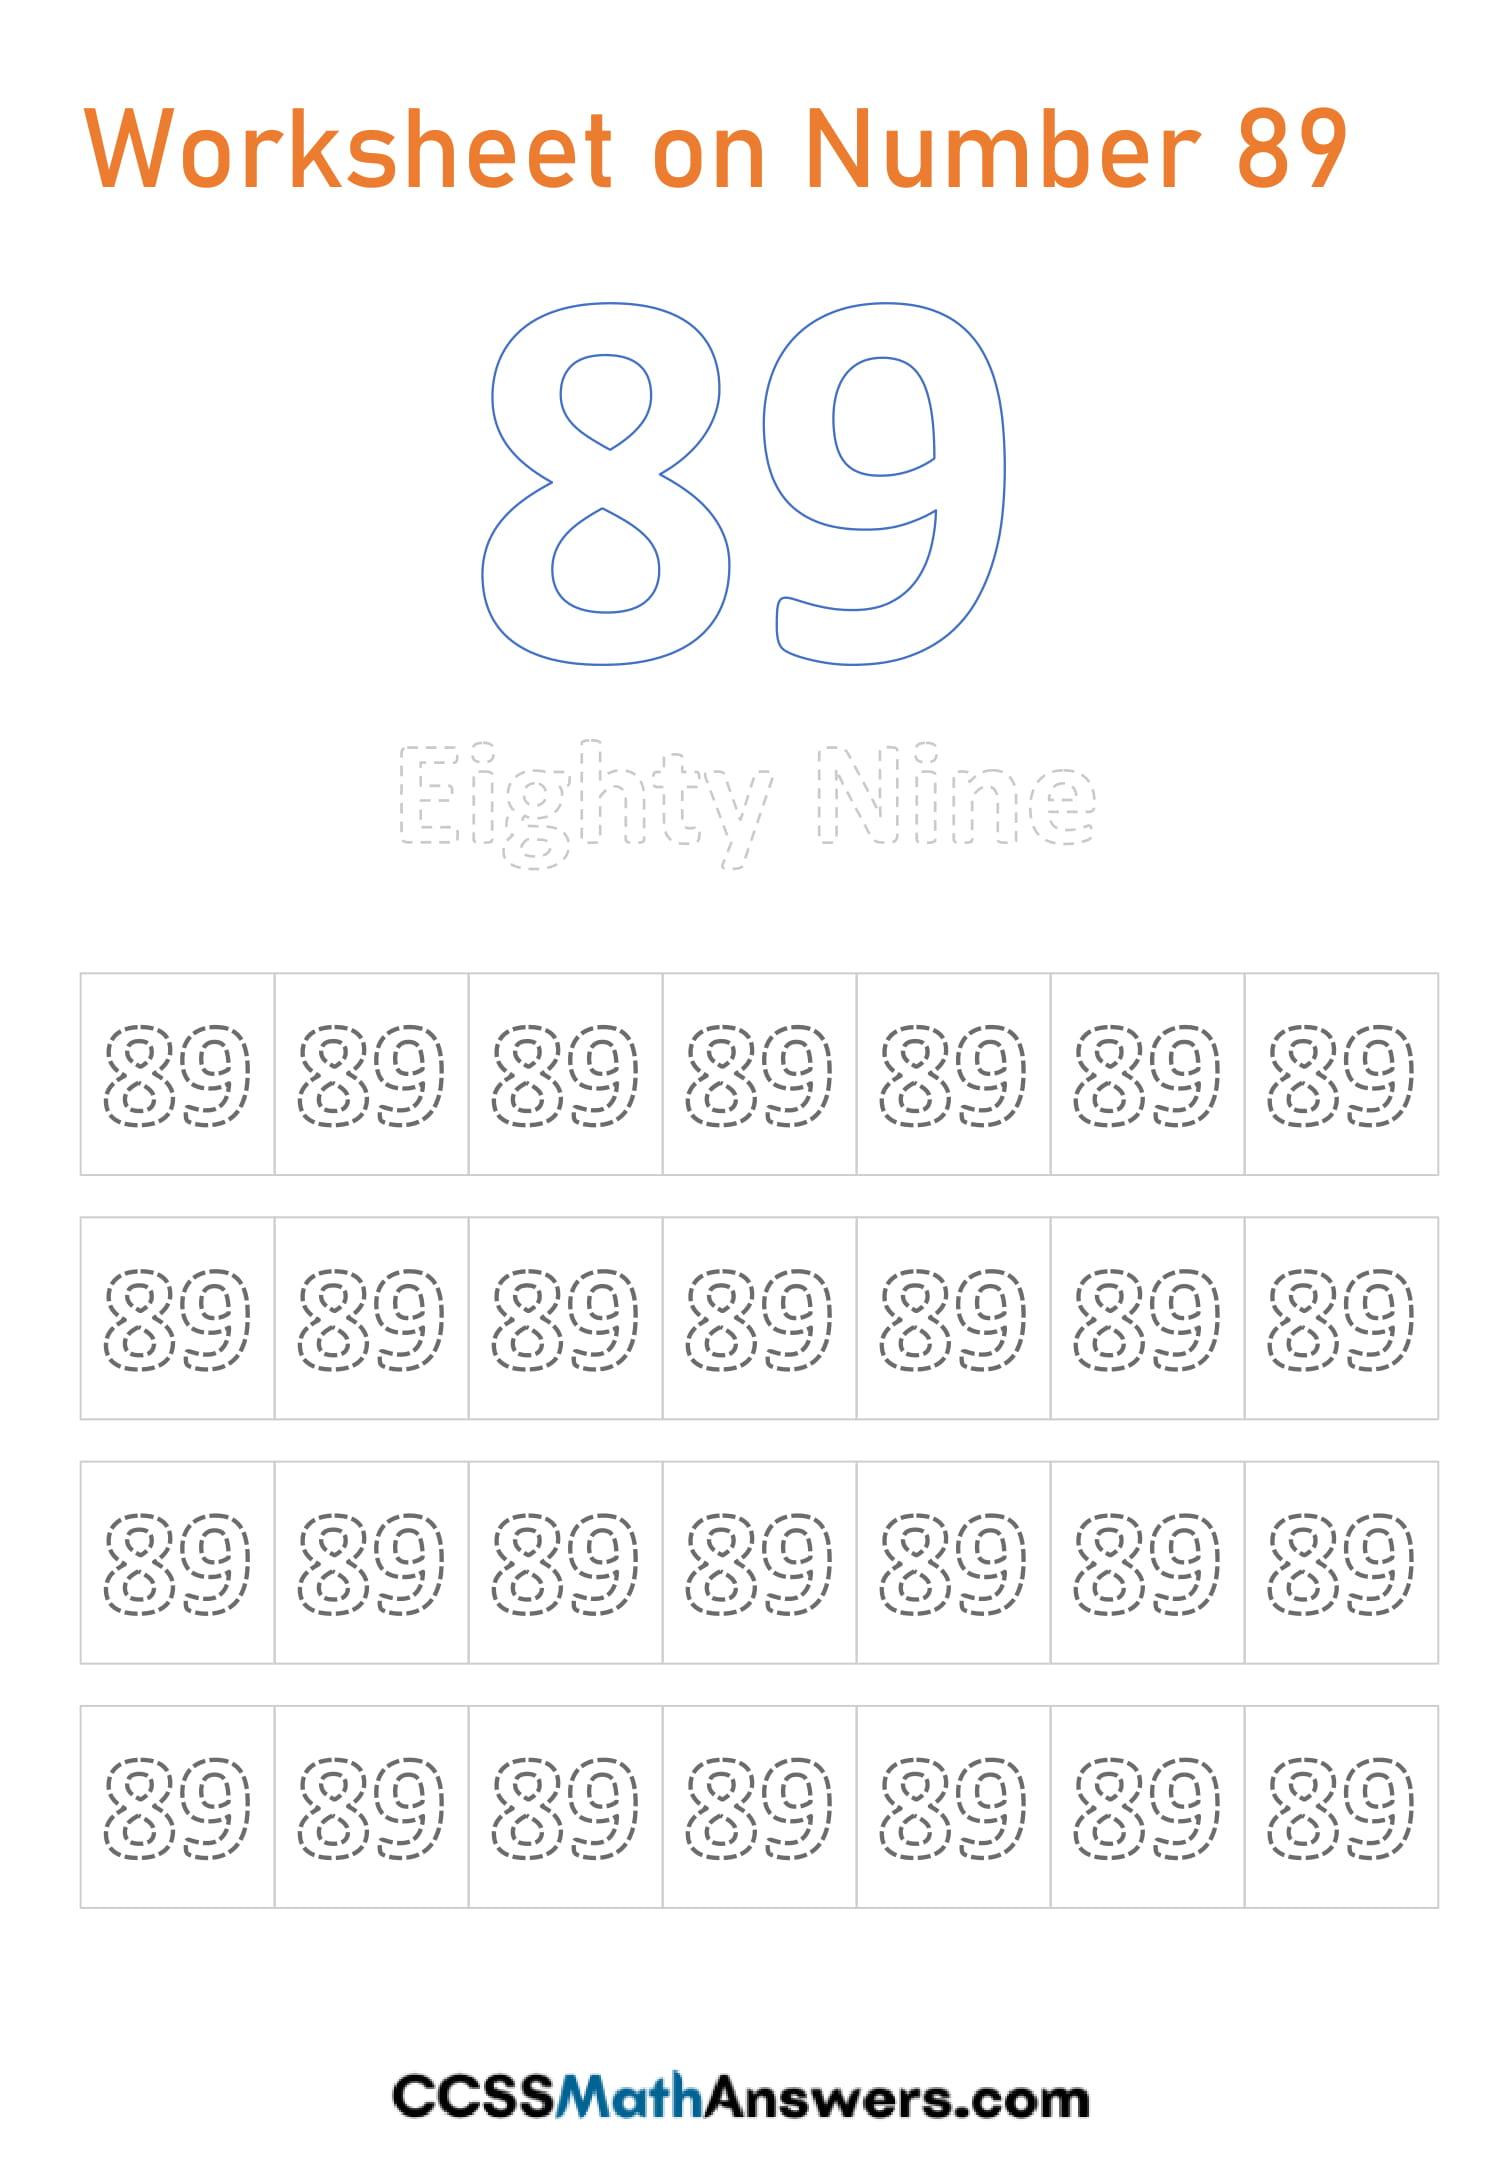 Number 89 Worksheet